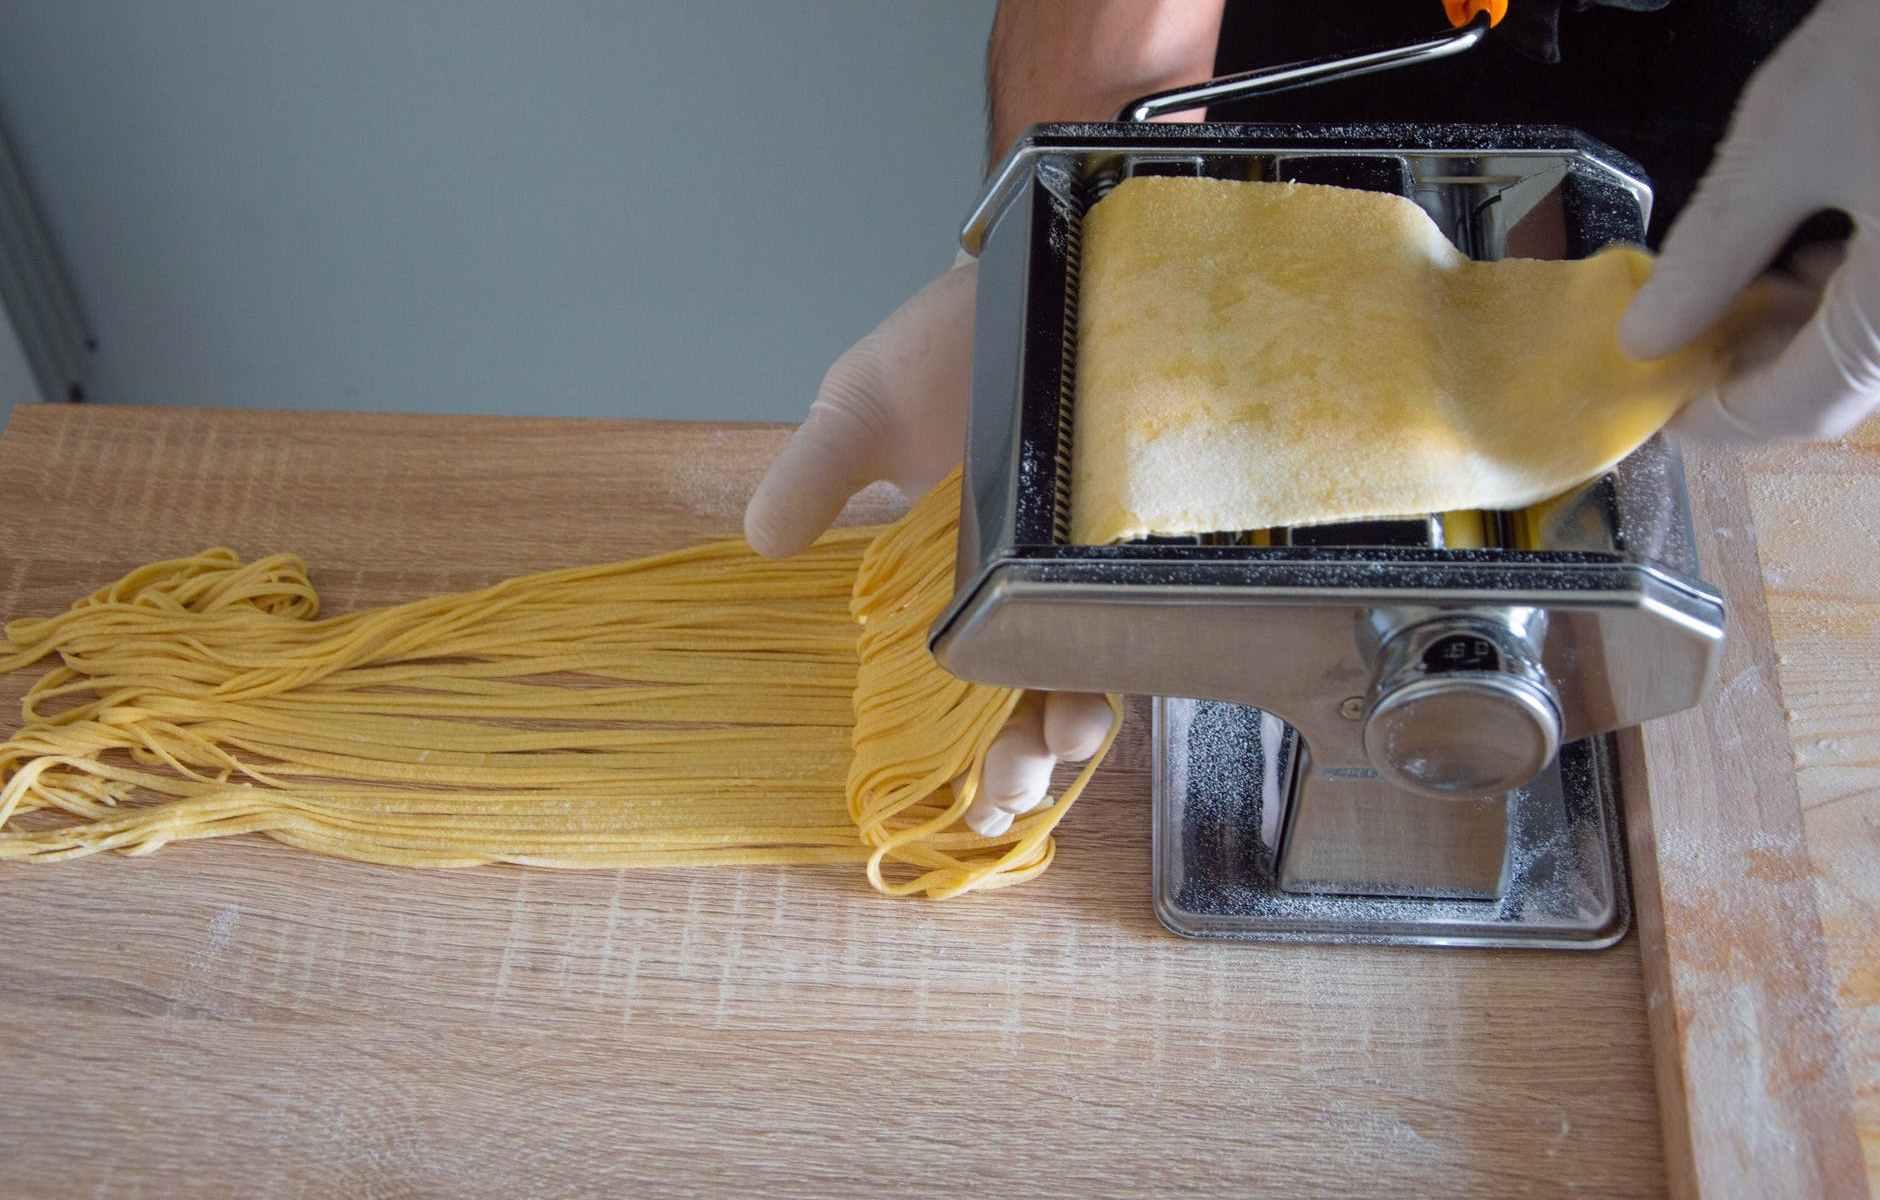 a person making a spaghetti pasta